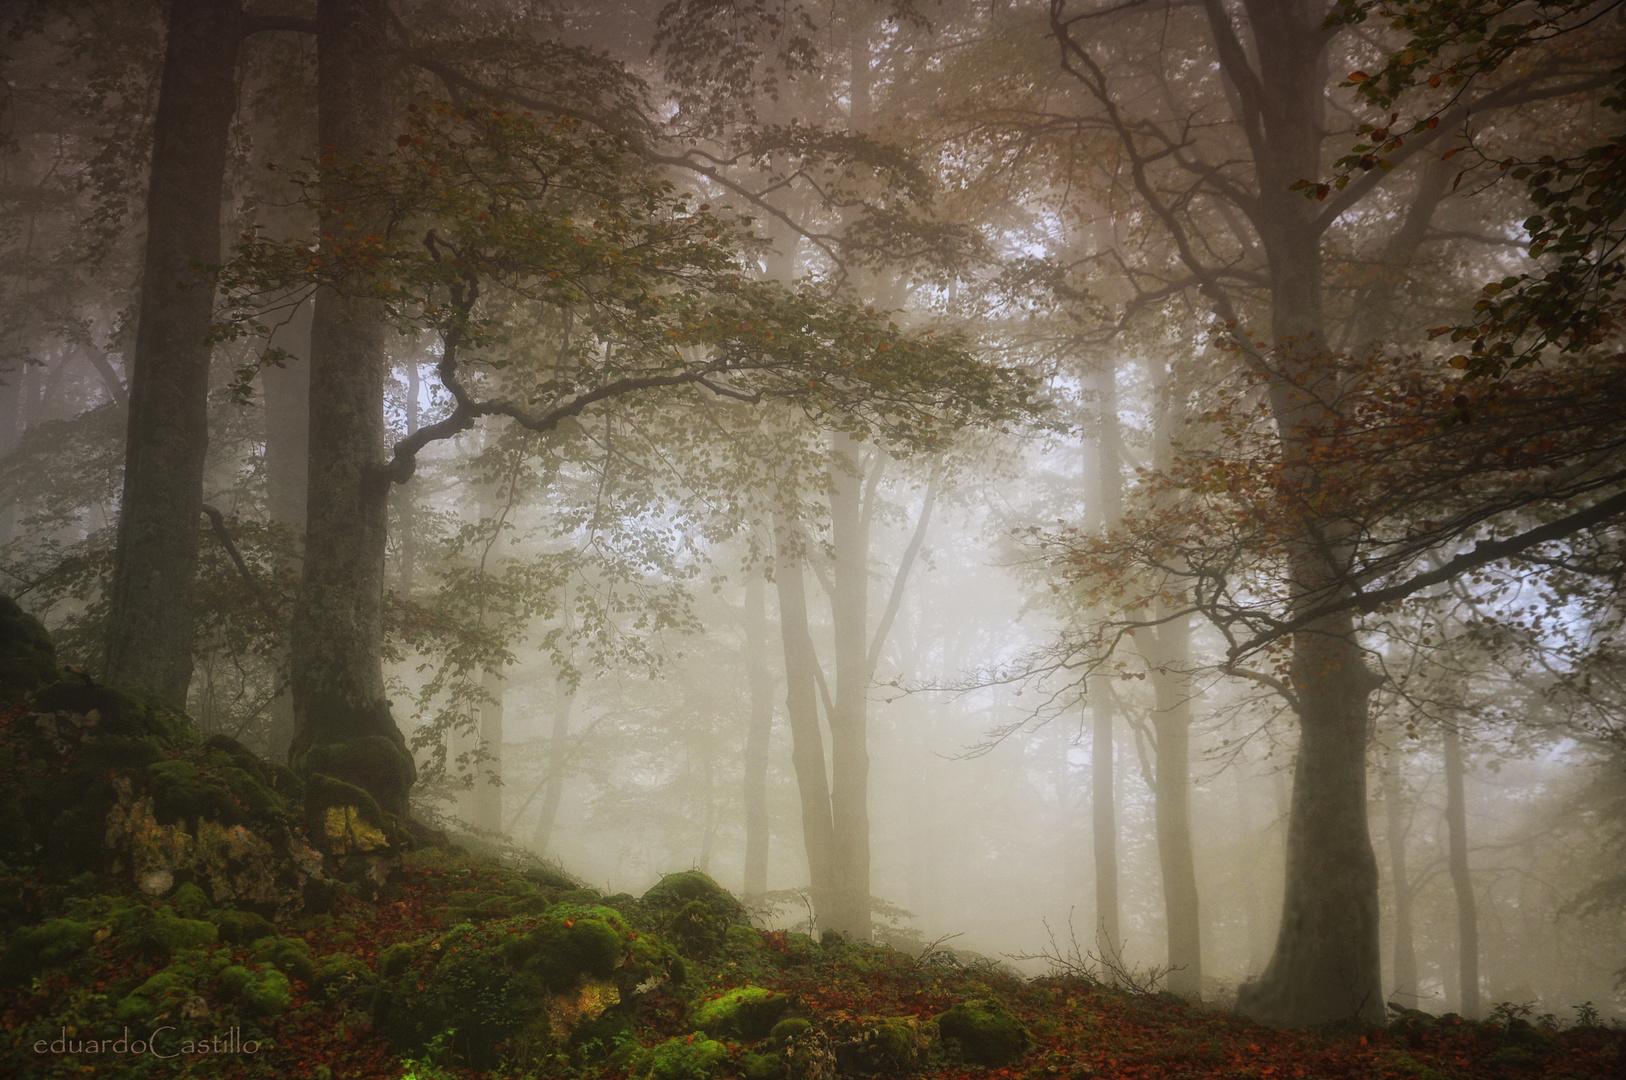 El bosque eterno